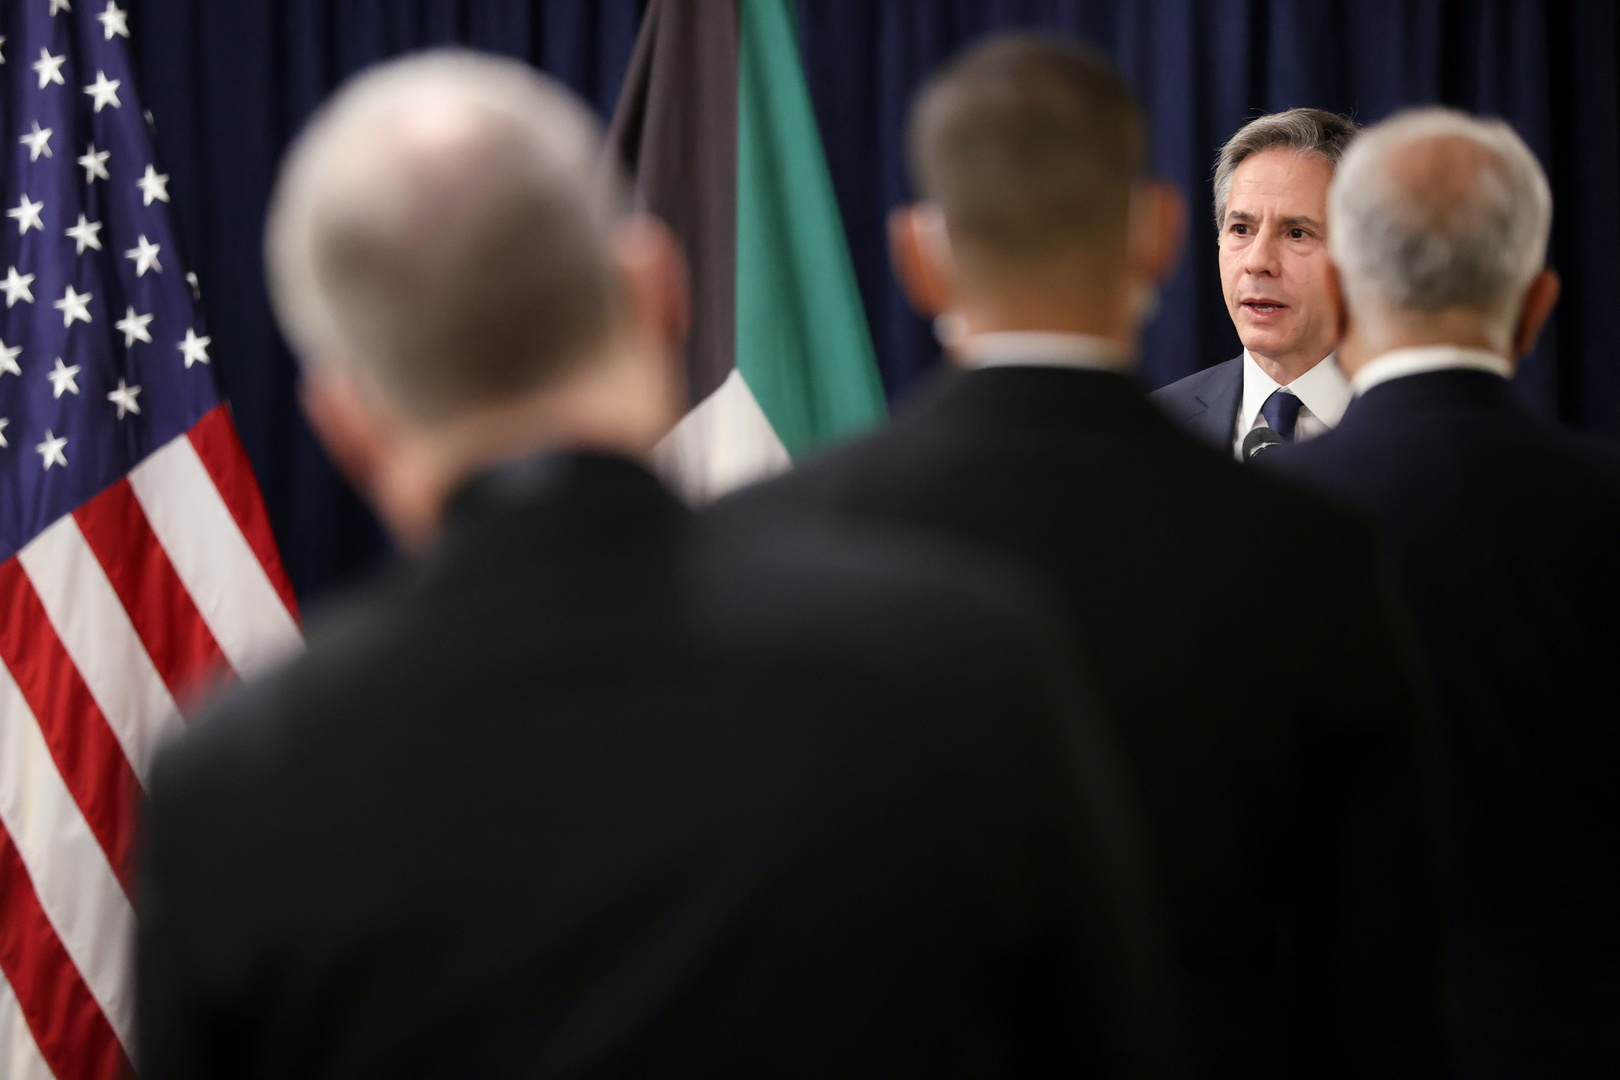 وزير الخارجية الأمريكي يخاطب موظفي السفارة الأمريكية في الكويت، 29 يوليو 2021